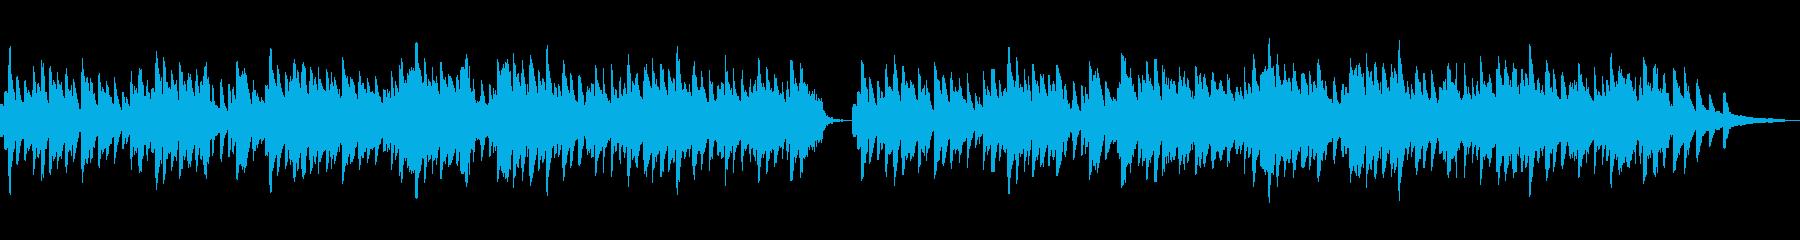 ほっこりした雰囲気のBGMの再生済みの波形